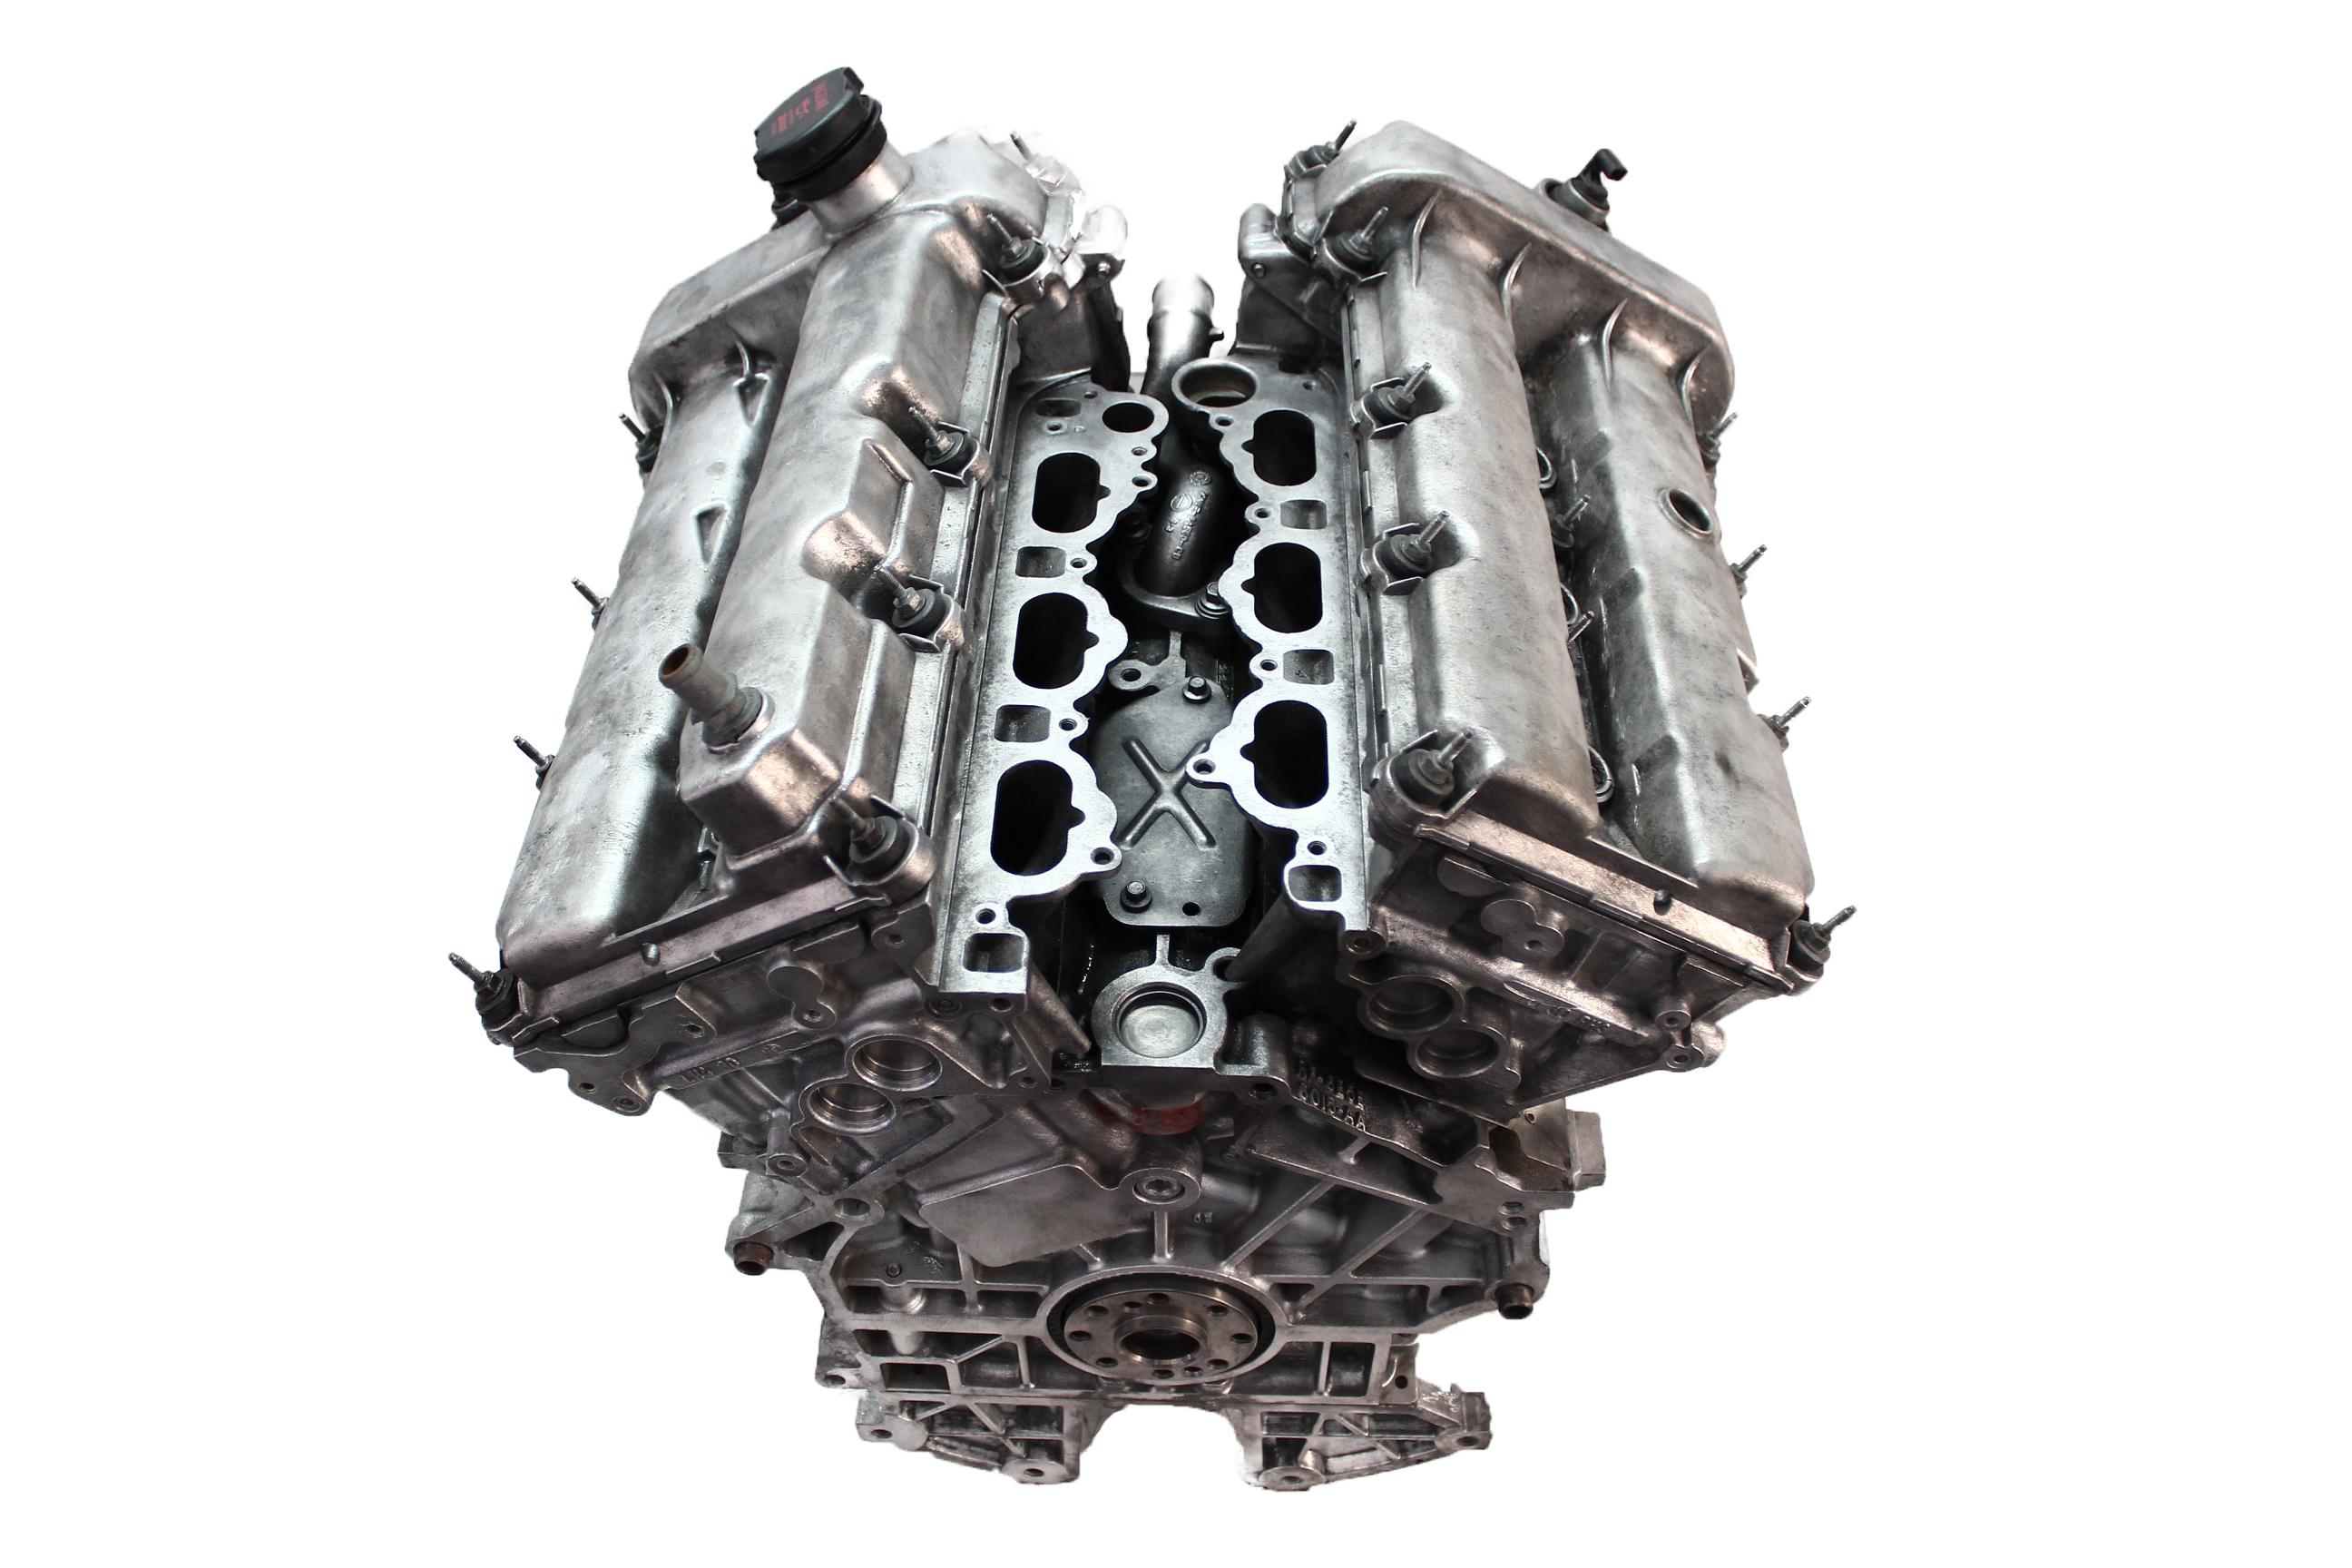 Motor 2010 Jaguar XF X250 3,0 V6 FG AJ6WG 238 PS